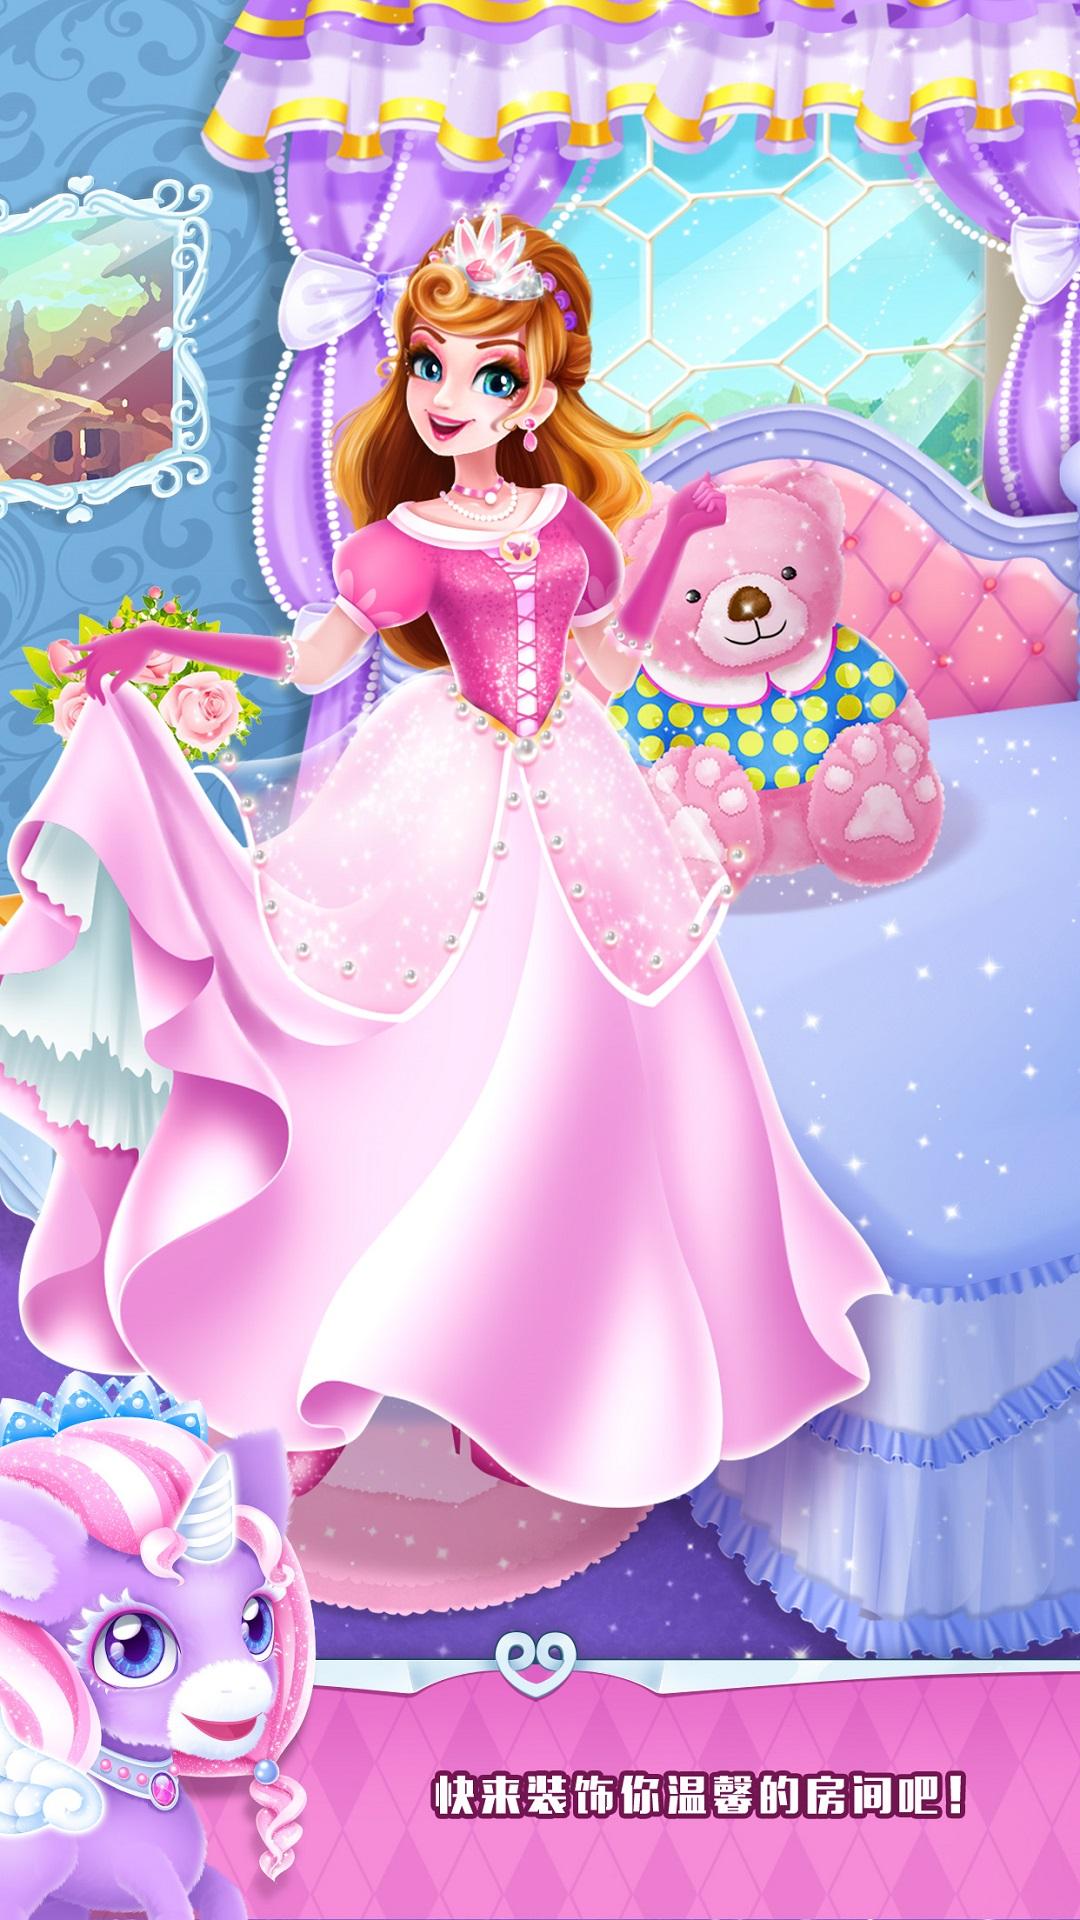 魔法公主礼仪学院软件截图3